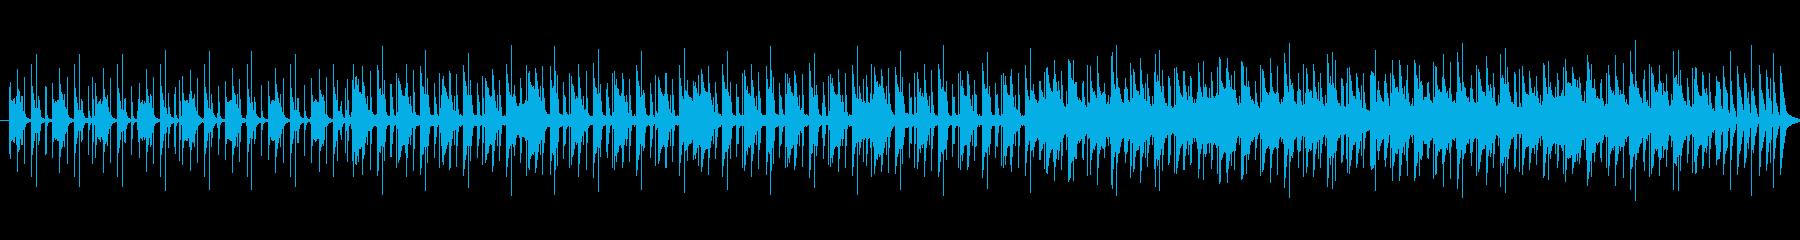 【ダメ男のテーマ】ふわふわ脱力感の再生済みの波形